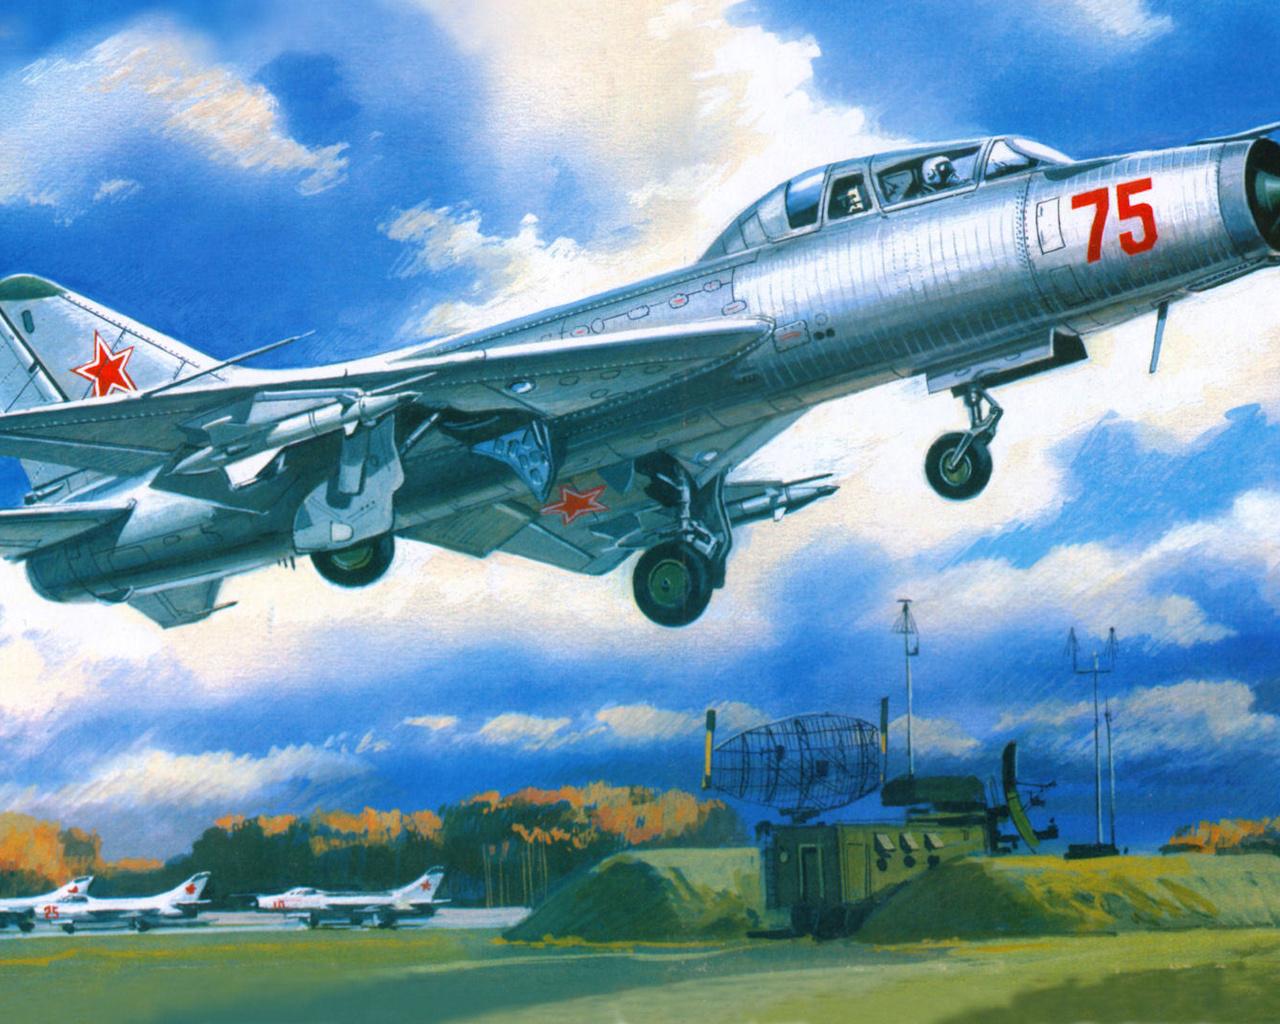 истребитель-перехватчик, Су-9у, maiden, аэродром, взлёт